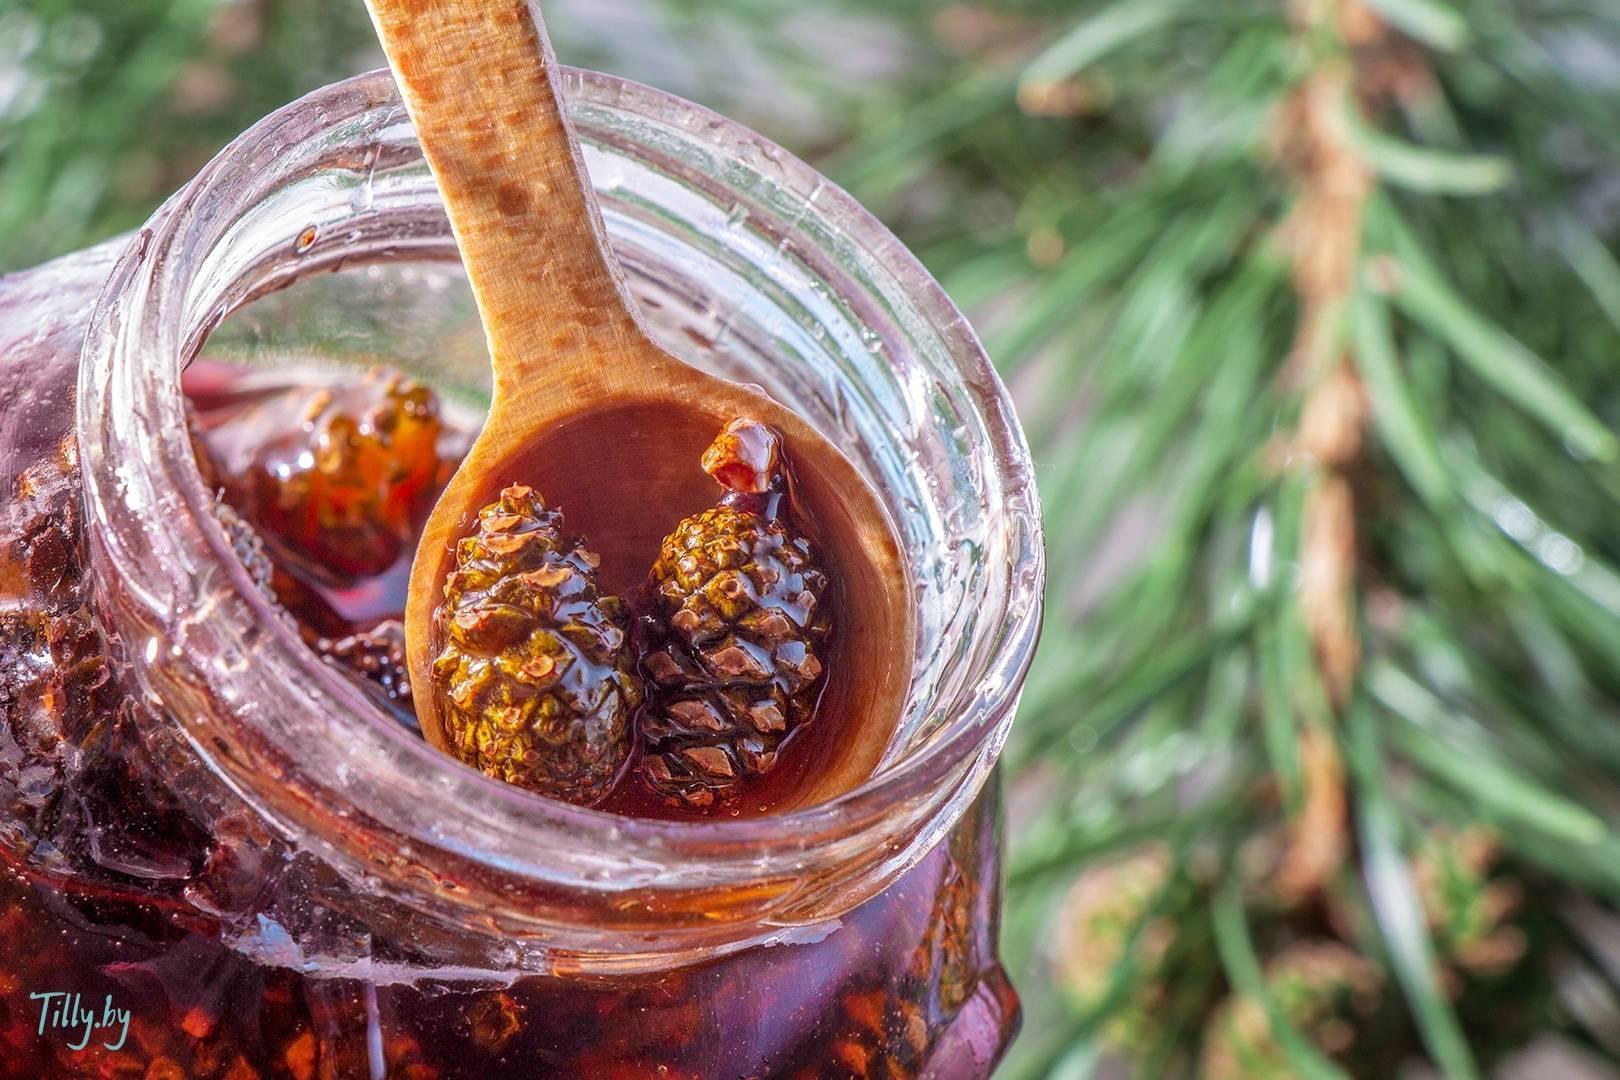 Варенье из шишек сосны, ели и кедра: рецепты, польза и вред